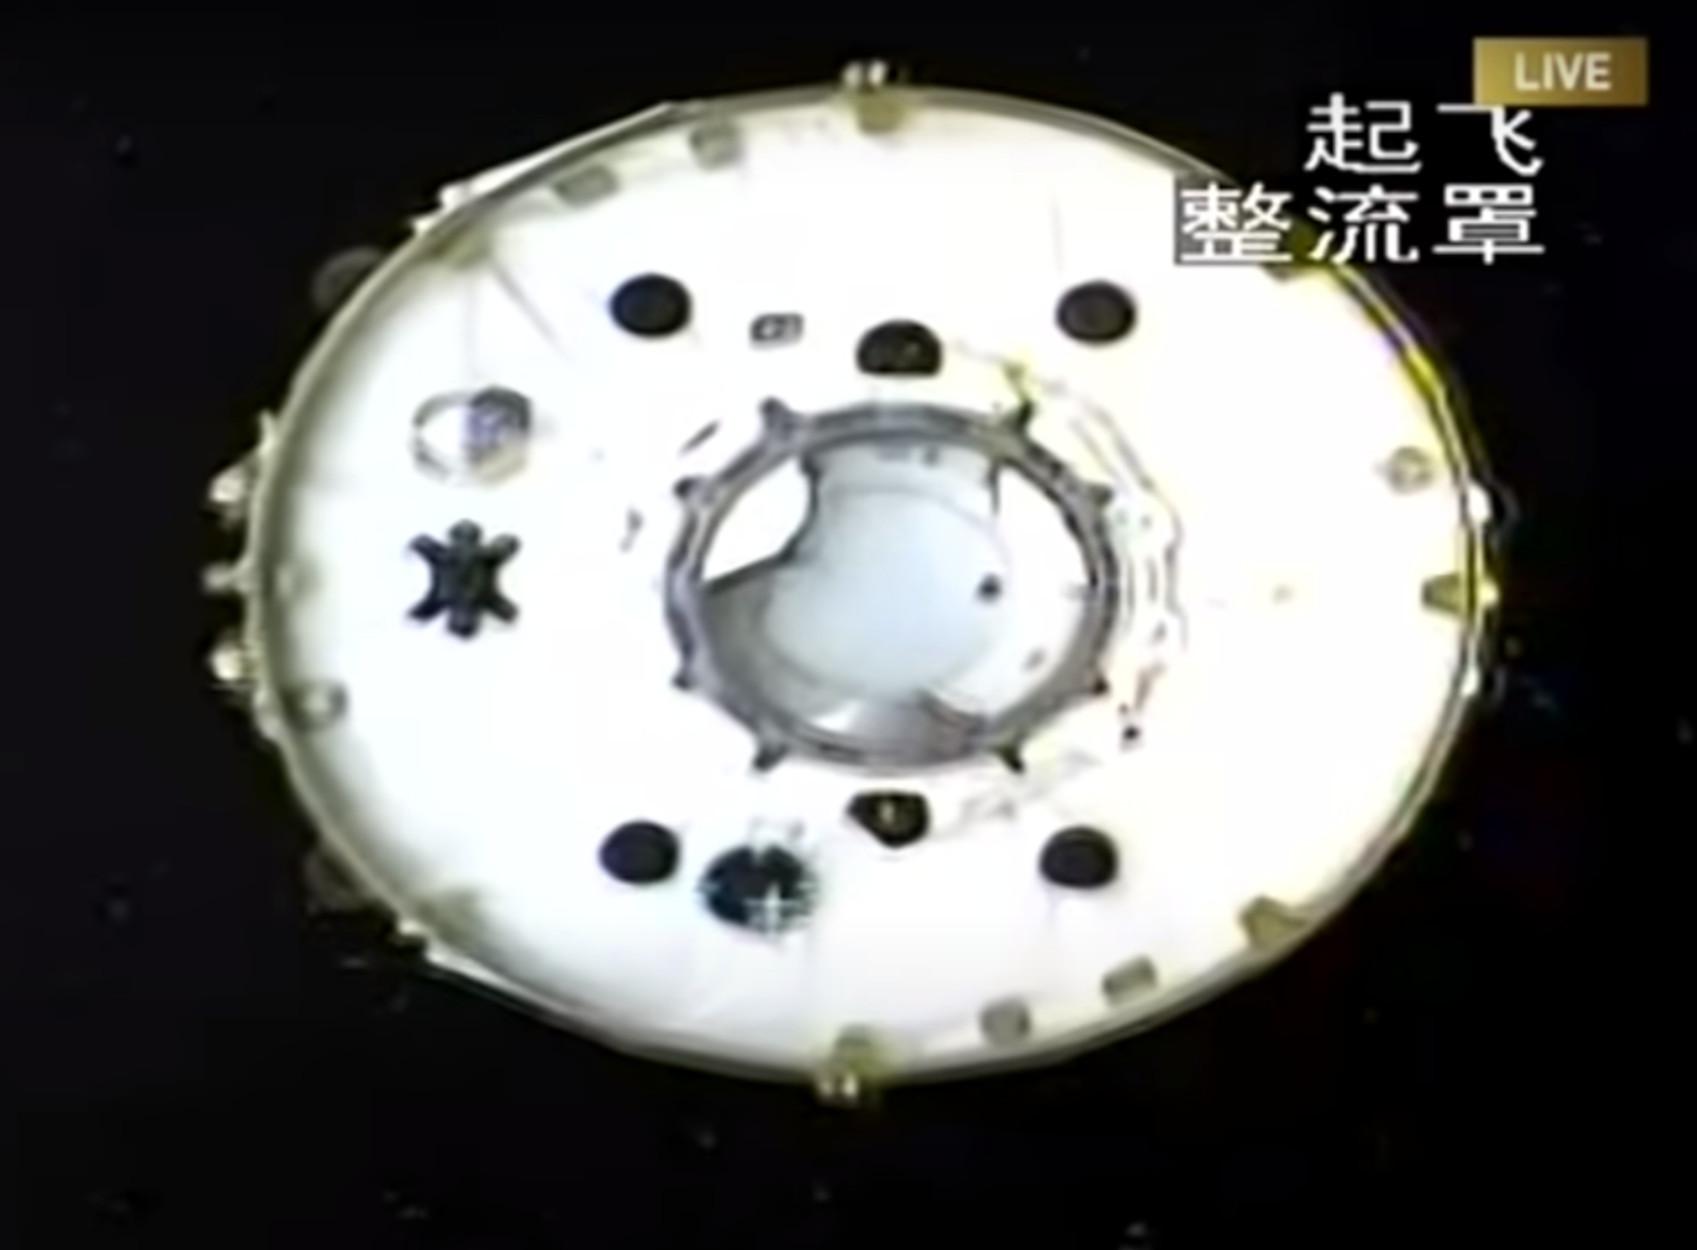 Η Κίνα έθεσε σε τροχιά το πρώτο κομμάτι του διαστημικού σταθμού της (video)